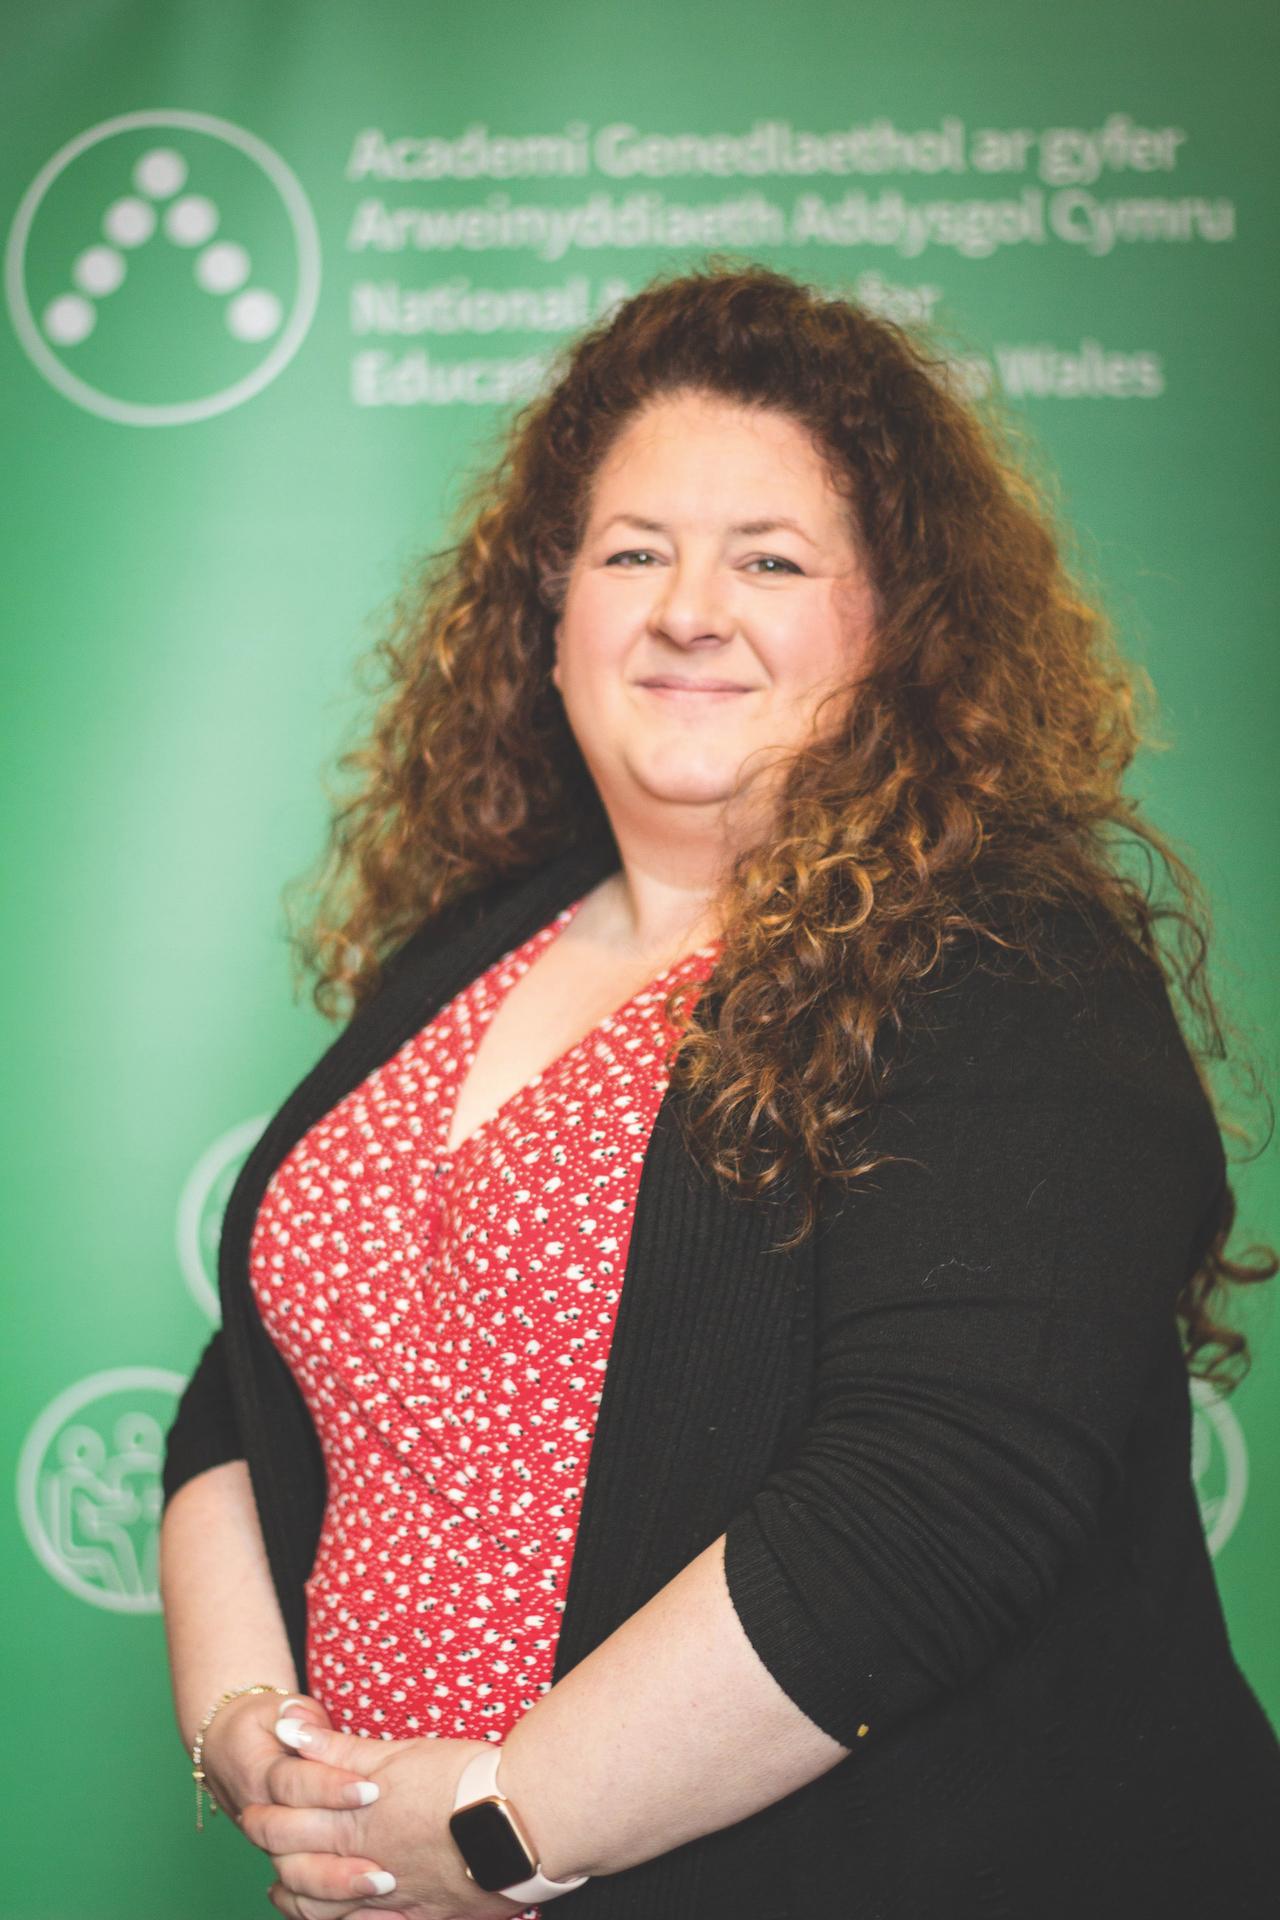 Tania Rickard